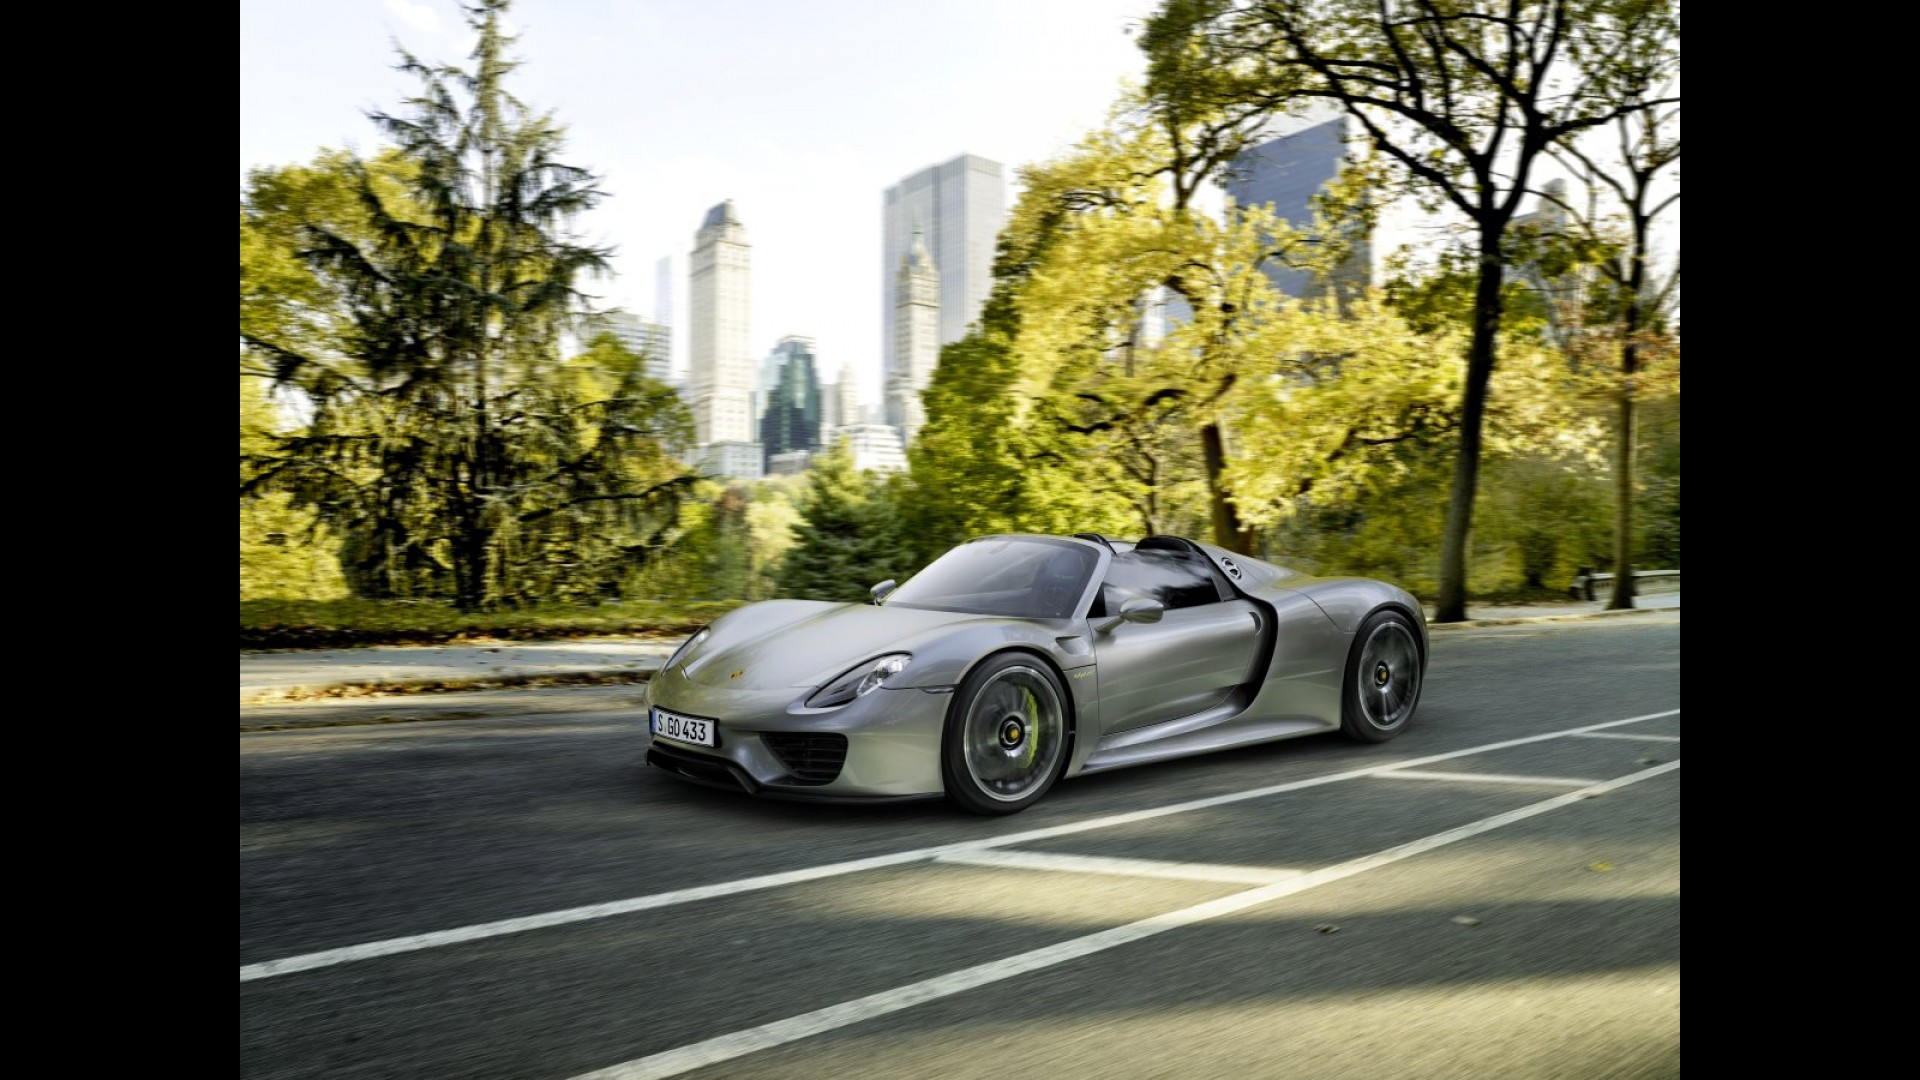 50 yıl önce otomotiv dünyasını değiştiren fikir: Lamborghini Miura